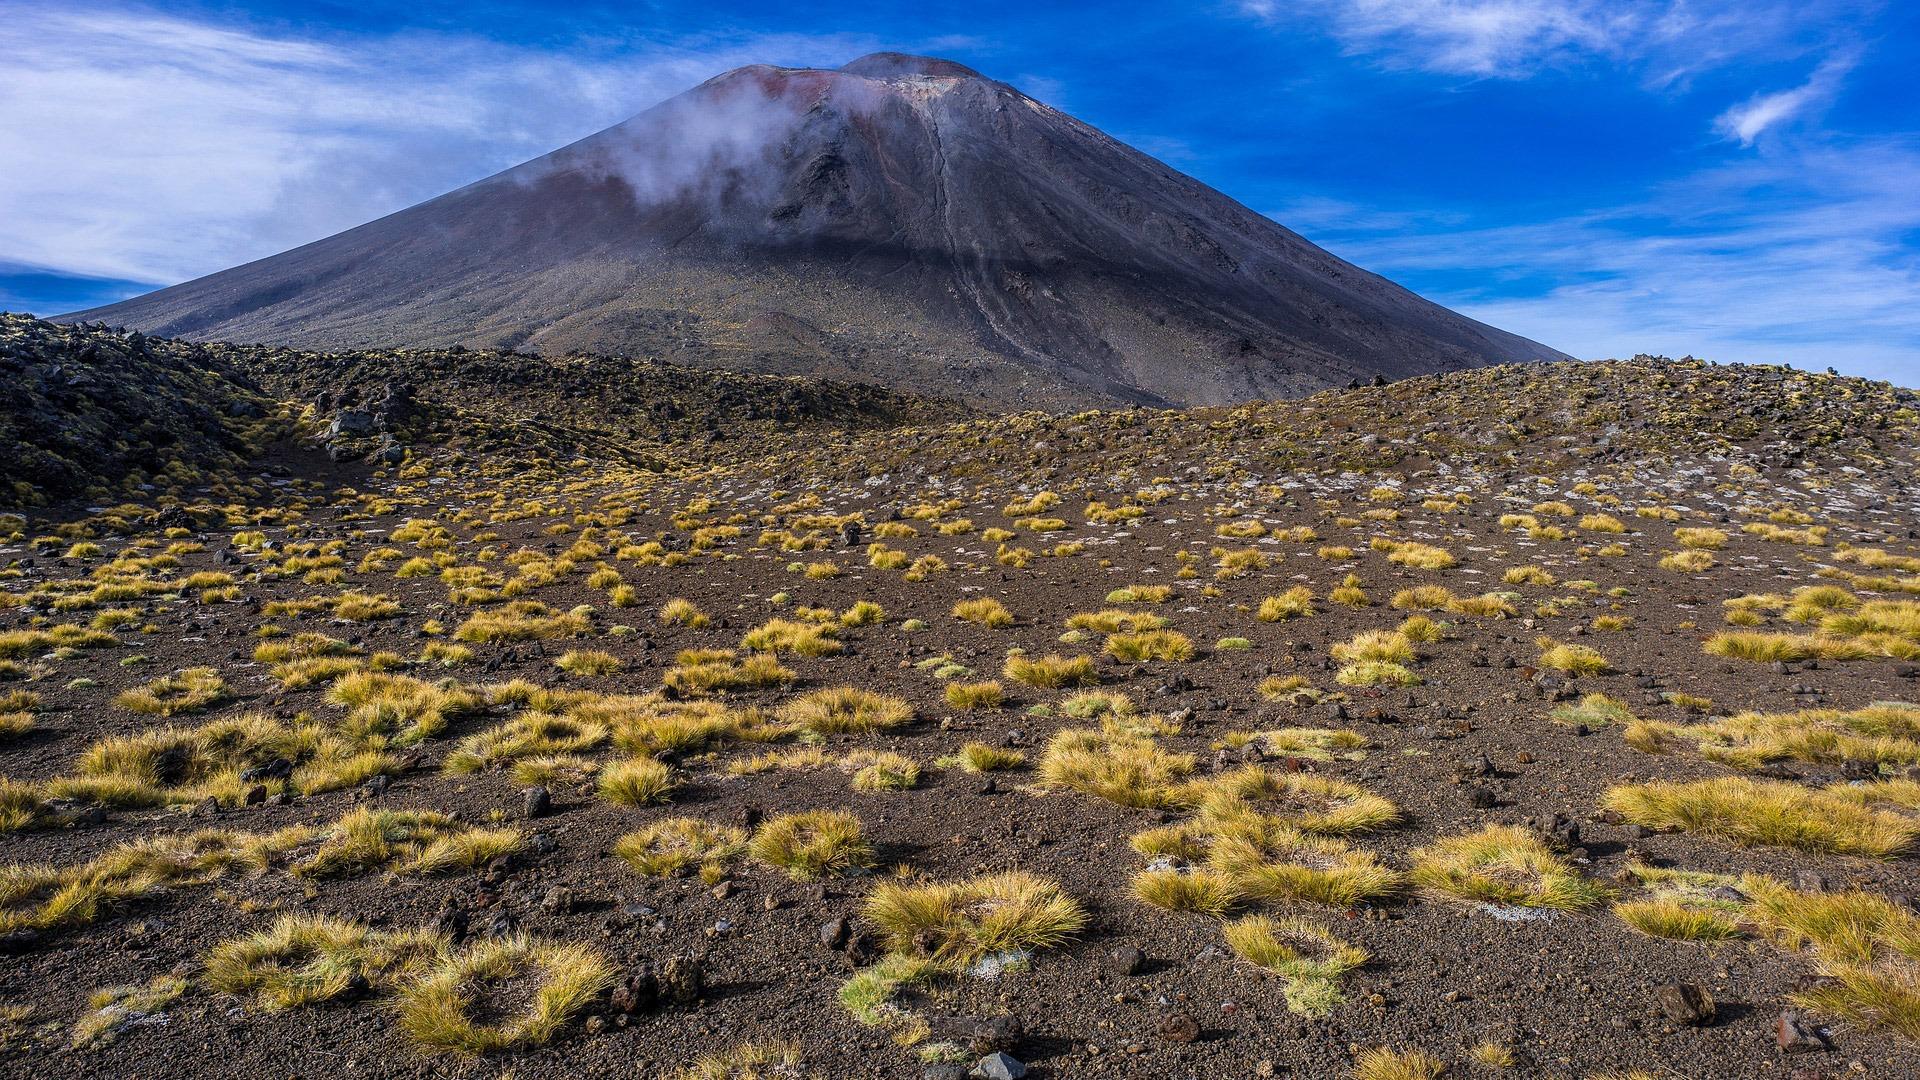 Mount Ngauruhoe in Tongariro National Park, New Zealand